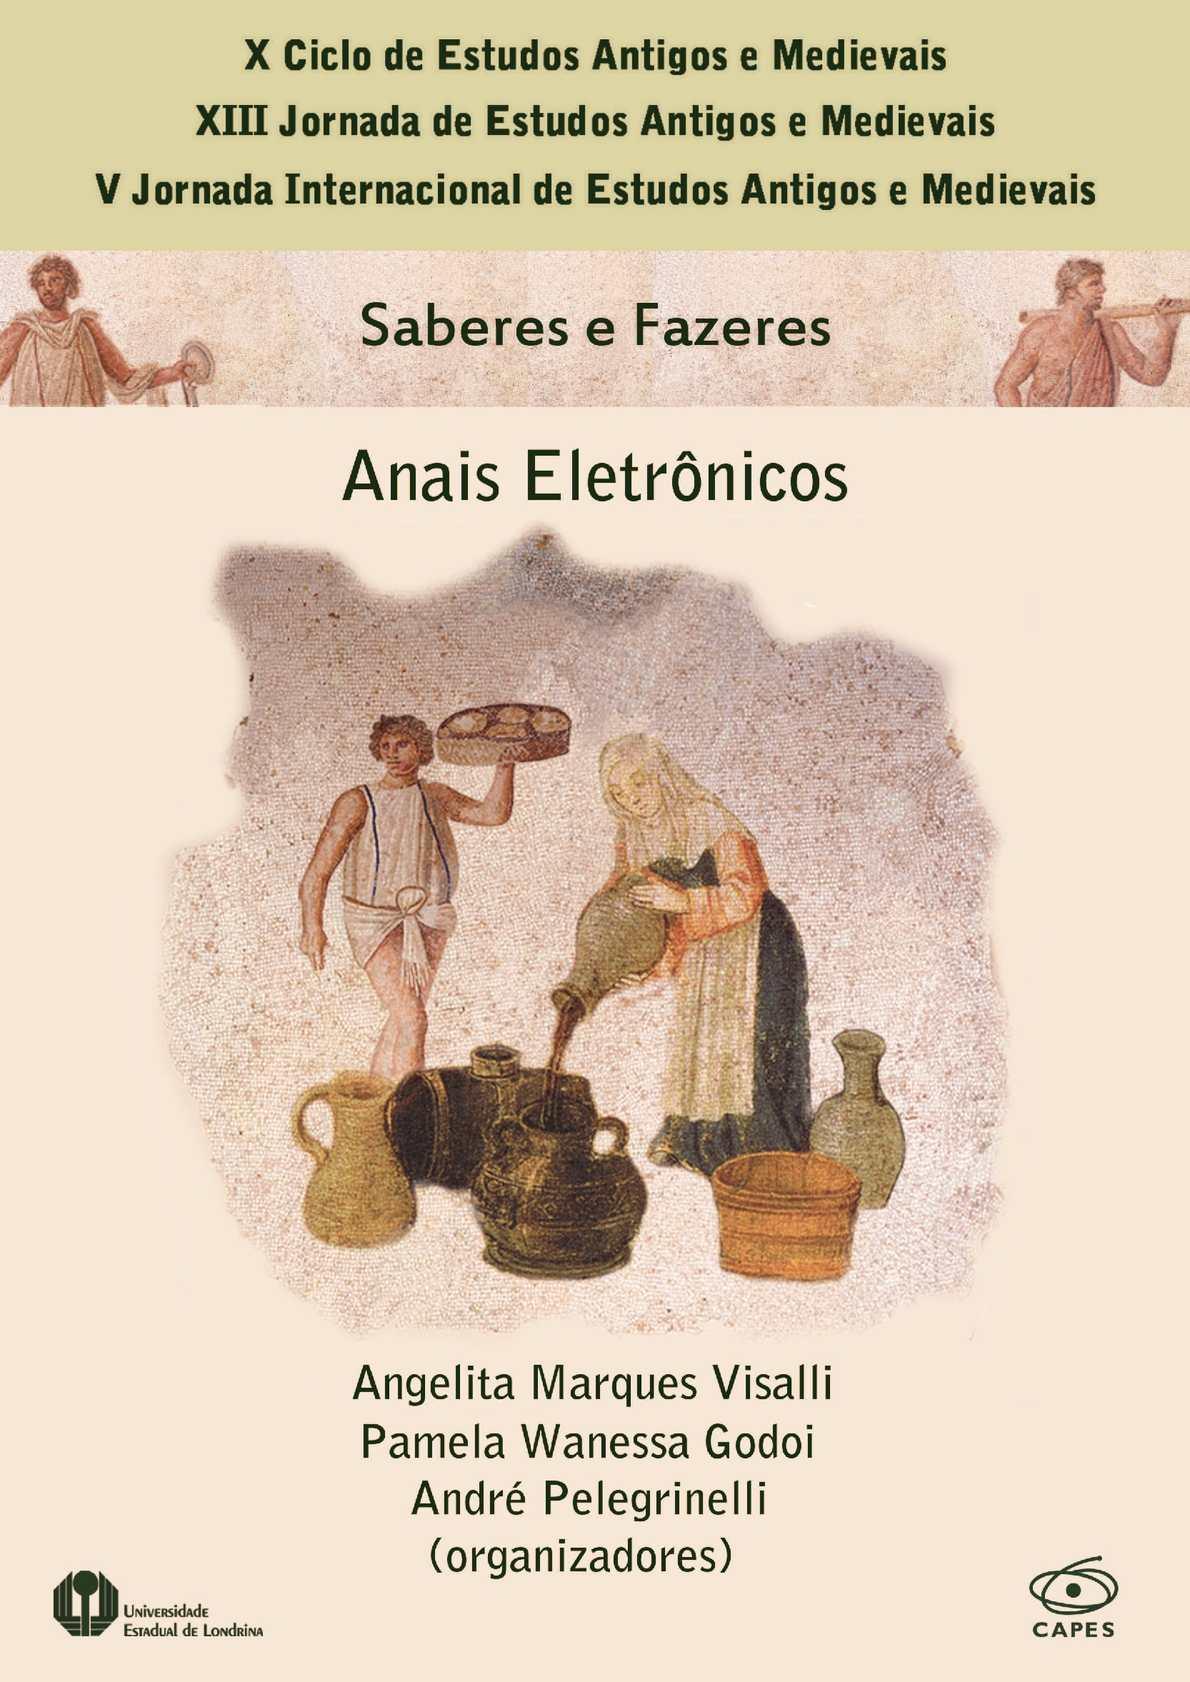 Calamo anais do x ciclo de estudos antigos e medievais parte 1 fandeluxe Image collections